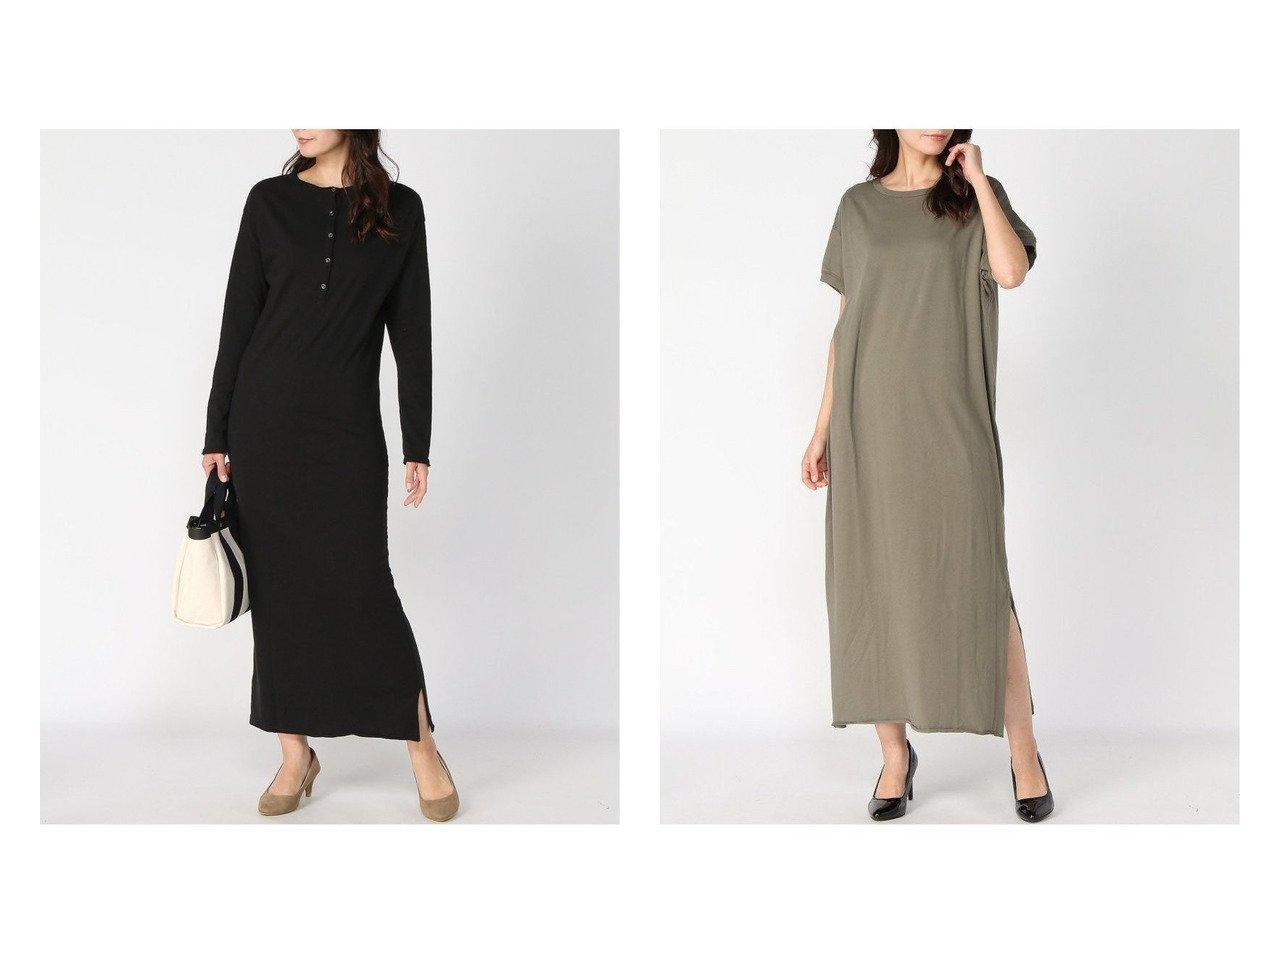 【Plage/プラージュ】のネップカットOP&【CALUX/キャラクス】のSIDE SLIT OP ワンピース・ドレスのおすすめ!人気、トレンド・レディースファッションの通販  おすすめで人気の流行・トレンド、ファッションの通販商品 メンズファッション・キッズファッション・インテリア・家具・レディースファッション・服の通販 founy(ファニー) https://founy.com/ ファッション Fashion レディースファッション WOMEN ワンピース Dress マキシワンピース Maxi Dress 2020年 2020 2020-2021 秋冬 A/W AW Autumn/Winter / FW Fall-Winter 2020-2021 A/W 秋冬 AW Autumn/Winter / FW Fall-Winter エレガント ネップ フィット マキシ リラックス ロング カットソー シンプル スリット 人気 半袖 |ID:crp329100000010179